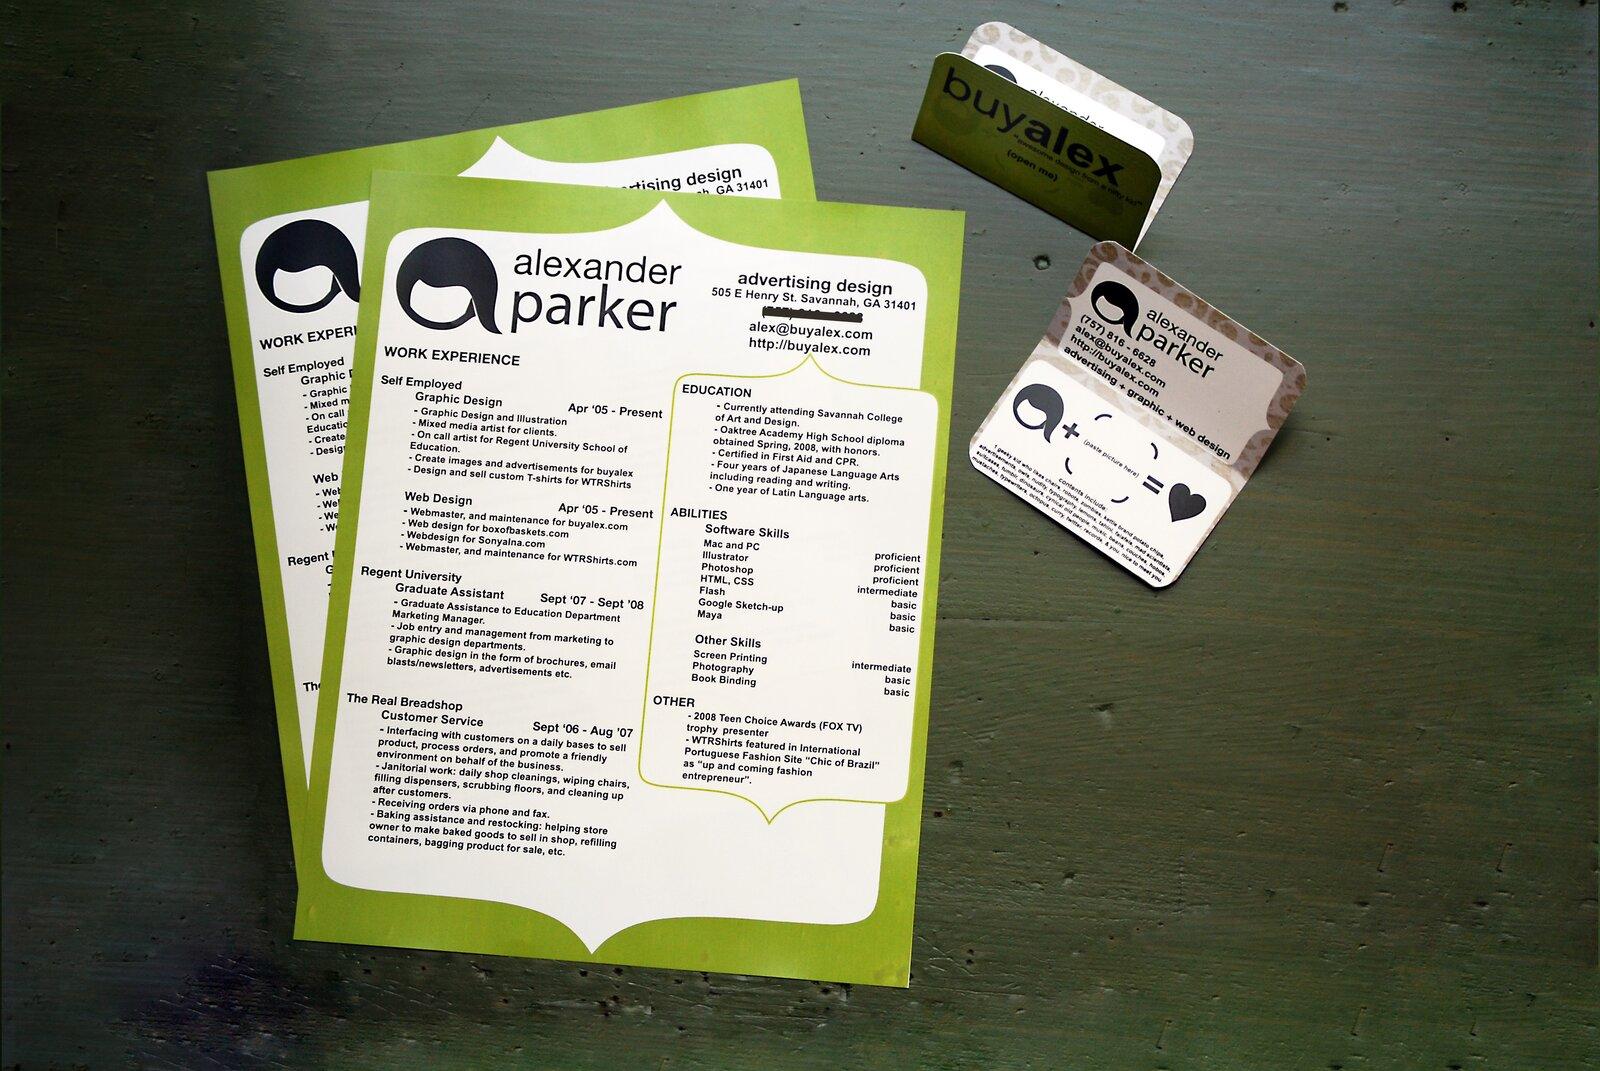 Przykładowe CV Źródło: Alexander Parker, Przykładowe CV, licencja: CC BY 2.0.